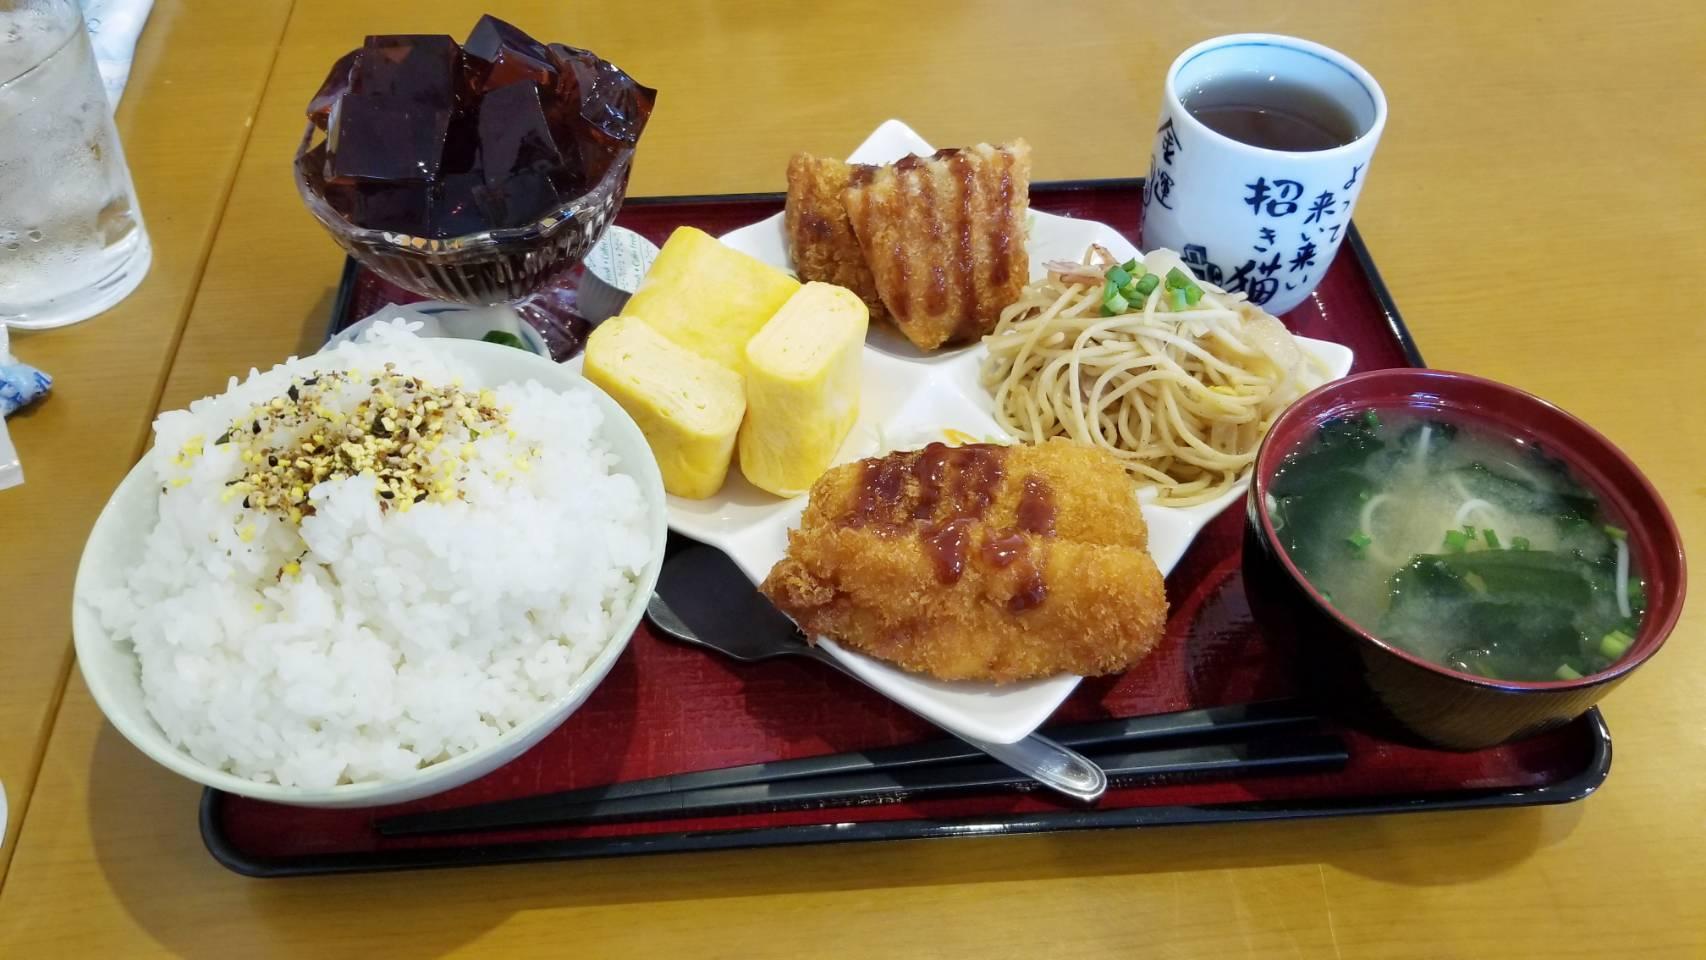 愛媛県四国グルメランチパスポートおすすめ安くて美味しい人気定食